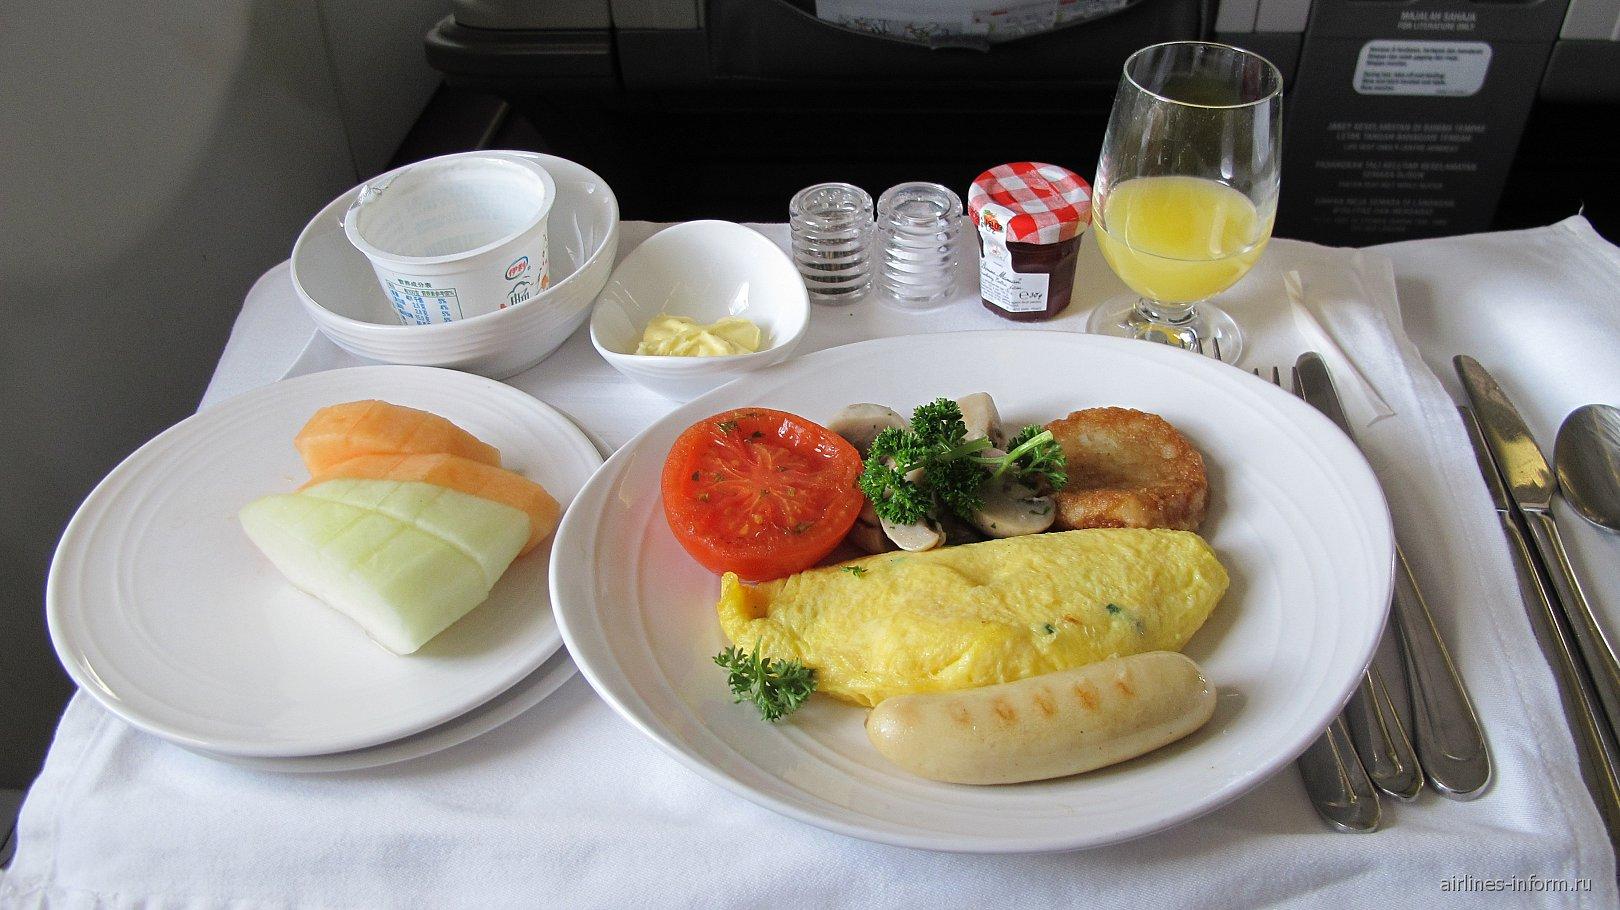 Питание бизнес-класса на рейсе Пекин-Куала-Лумпур Малайзийских авиалиний